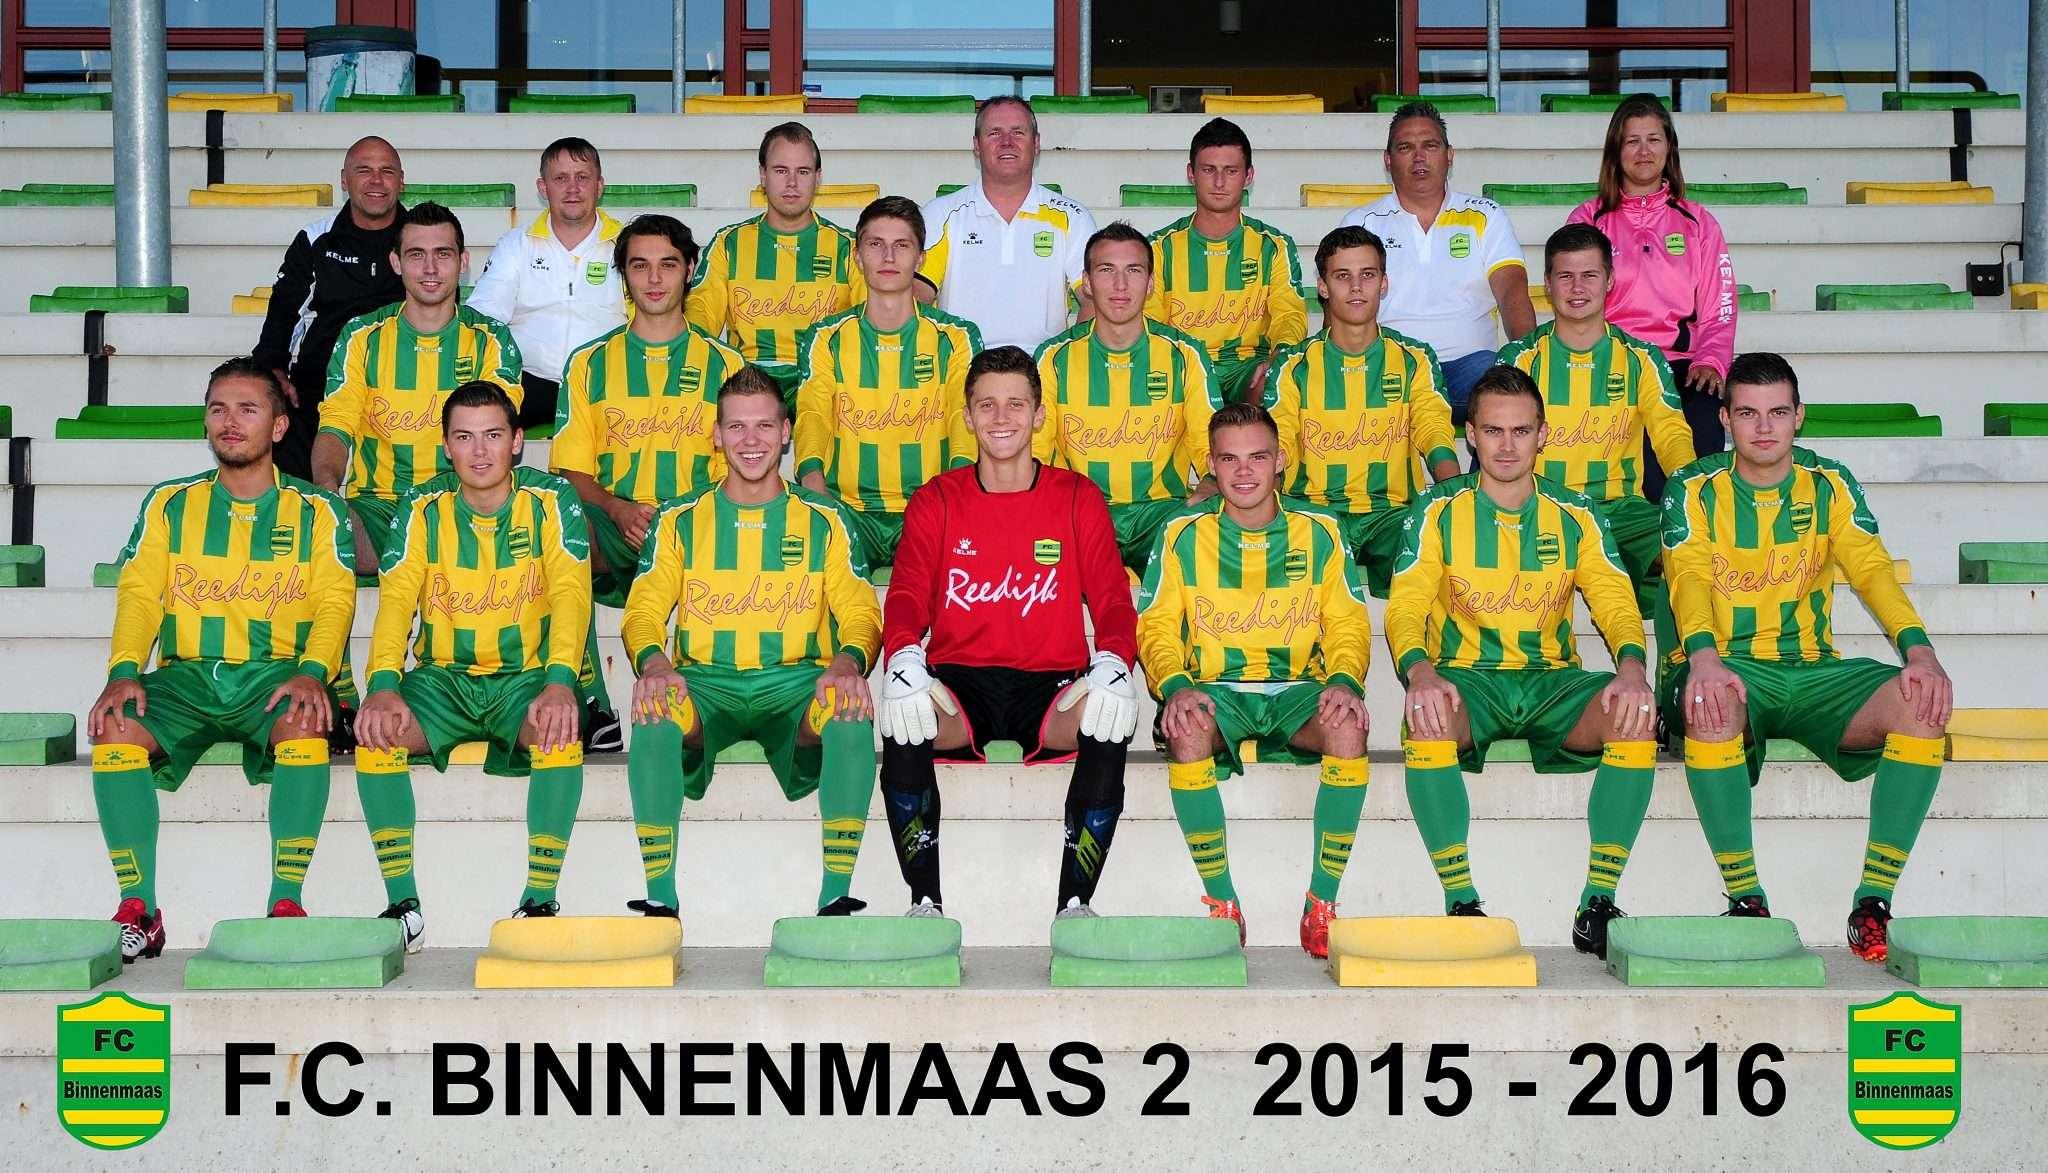 FC Binnenmaas 2 gaat voor het kampioenschap